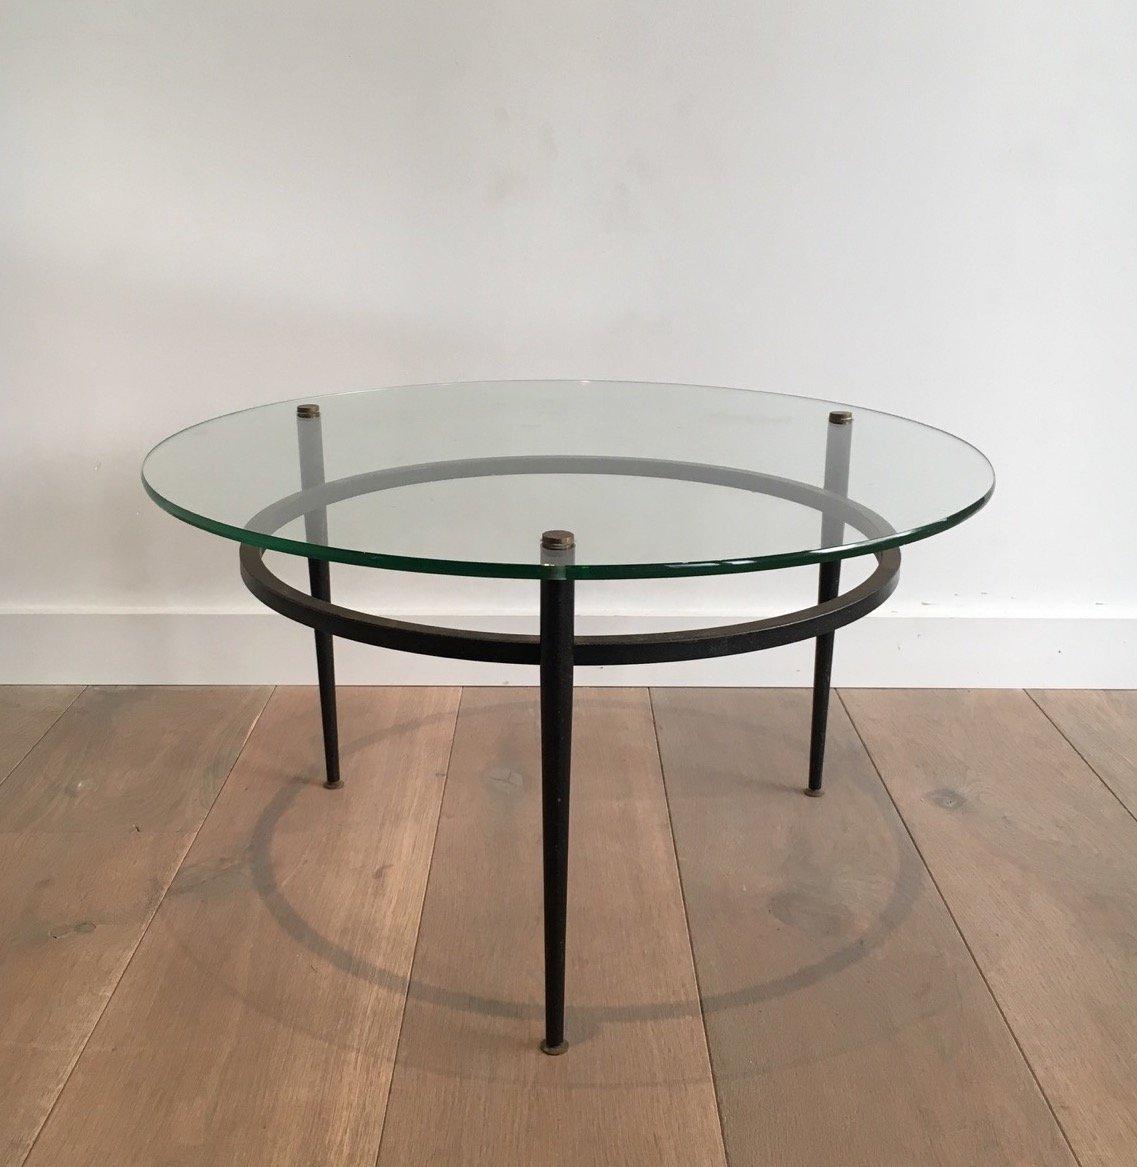 Petite table basse vintage ronde en verre en vente sur pamono for Petite table basse ronde